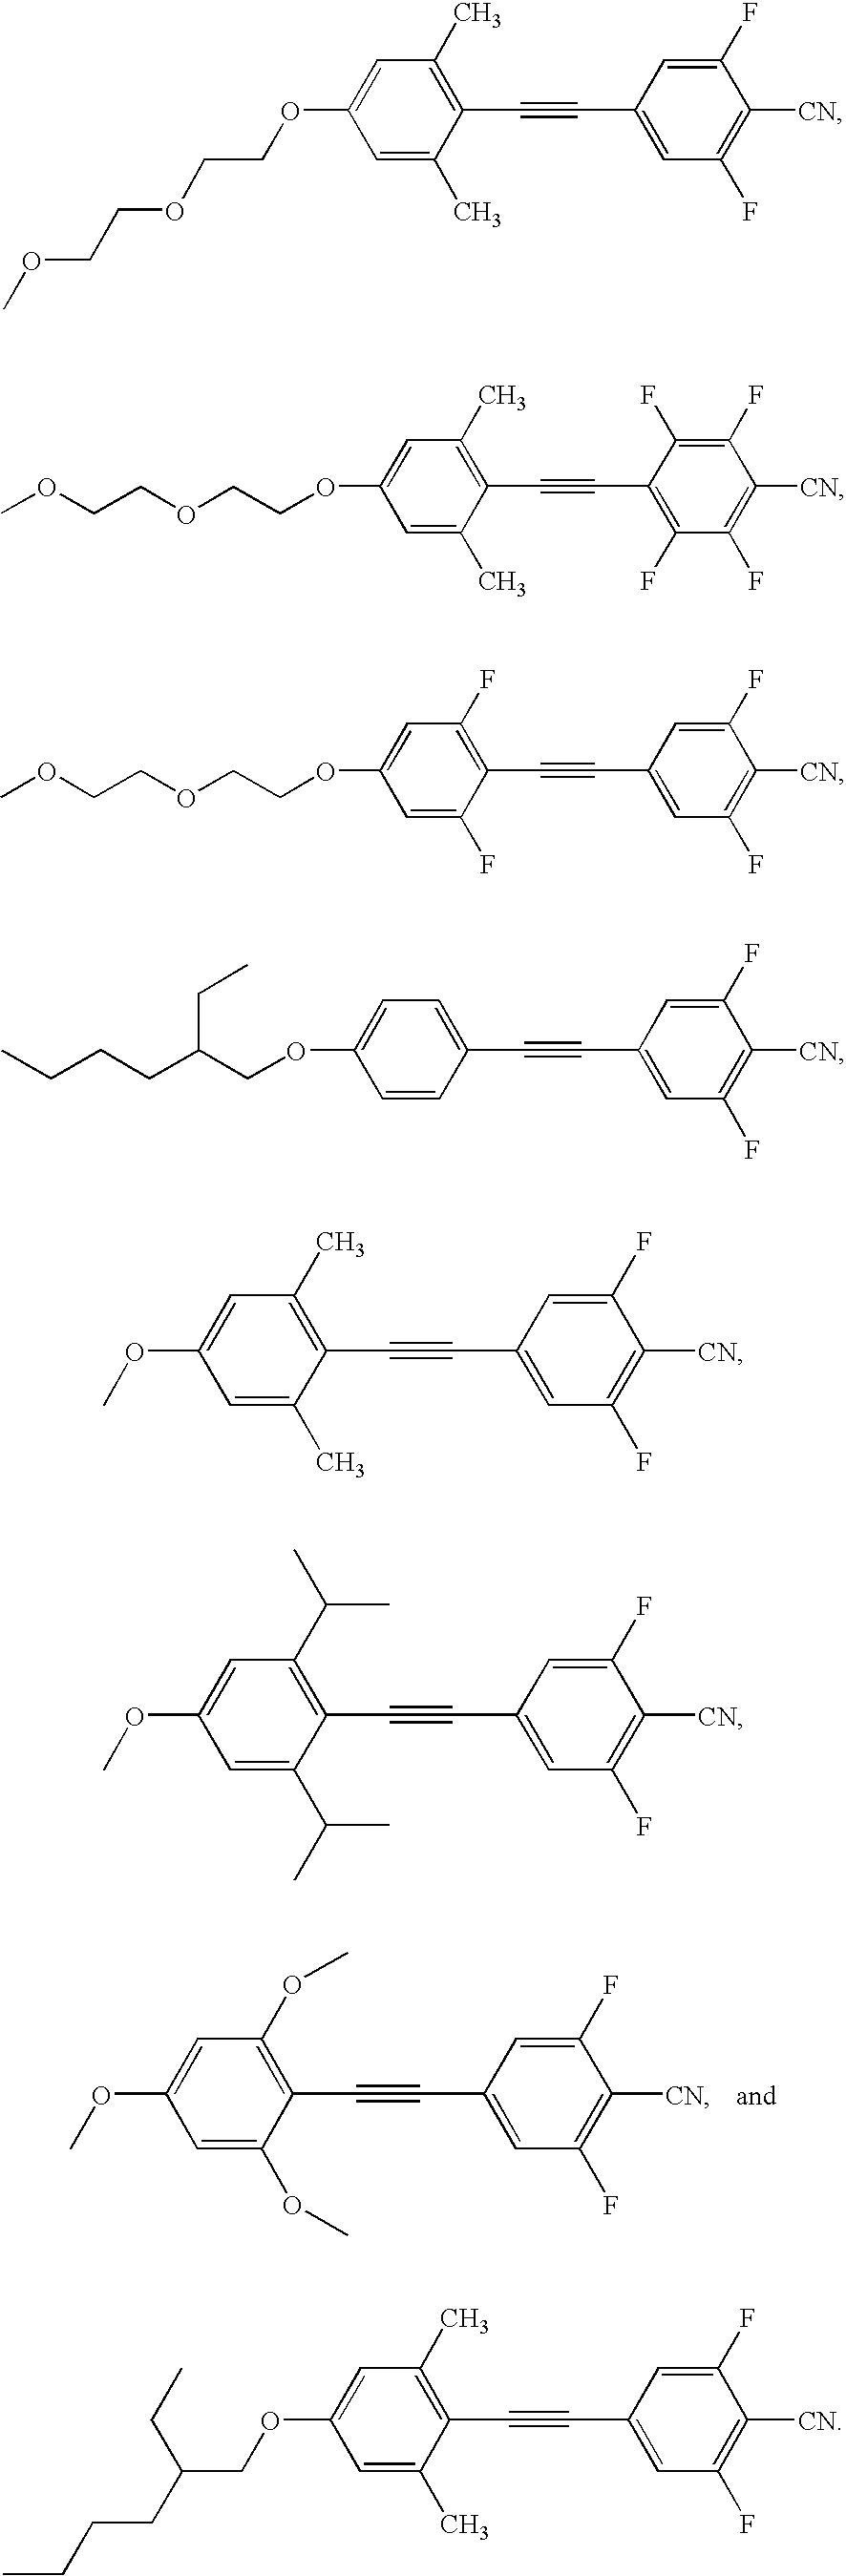 Figure US08420235-20130416-C00037